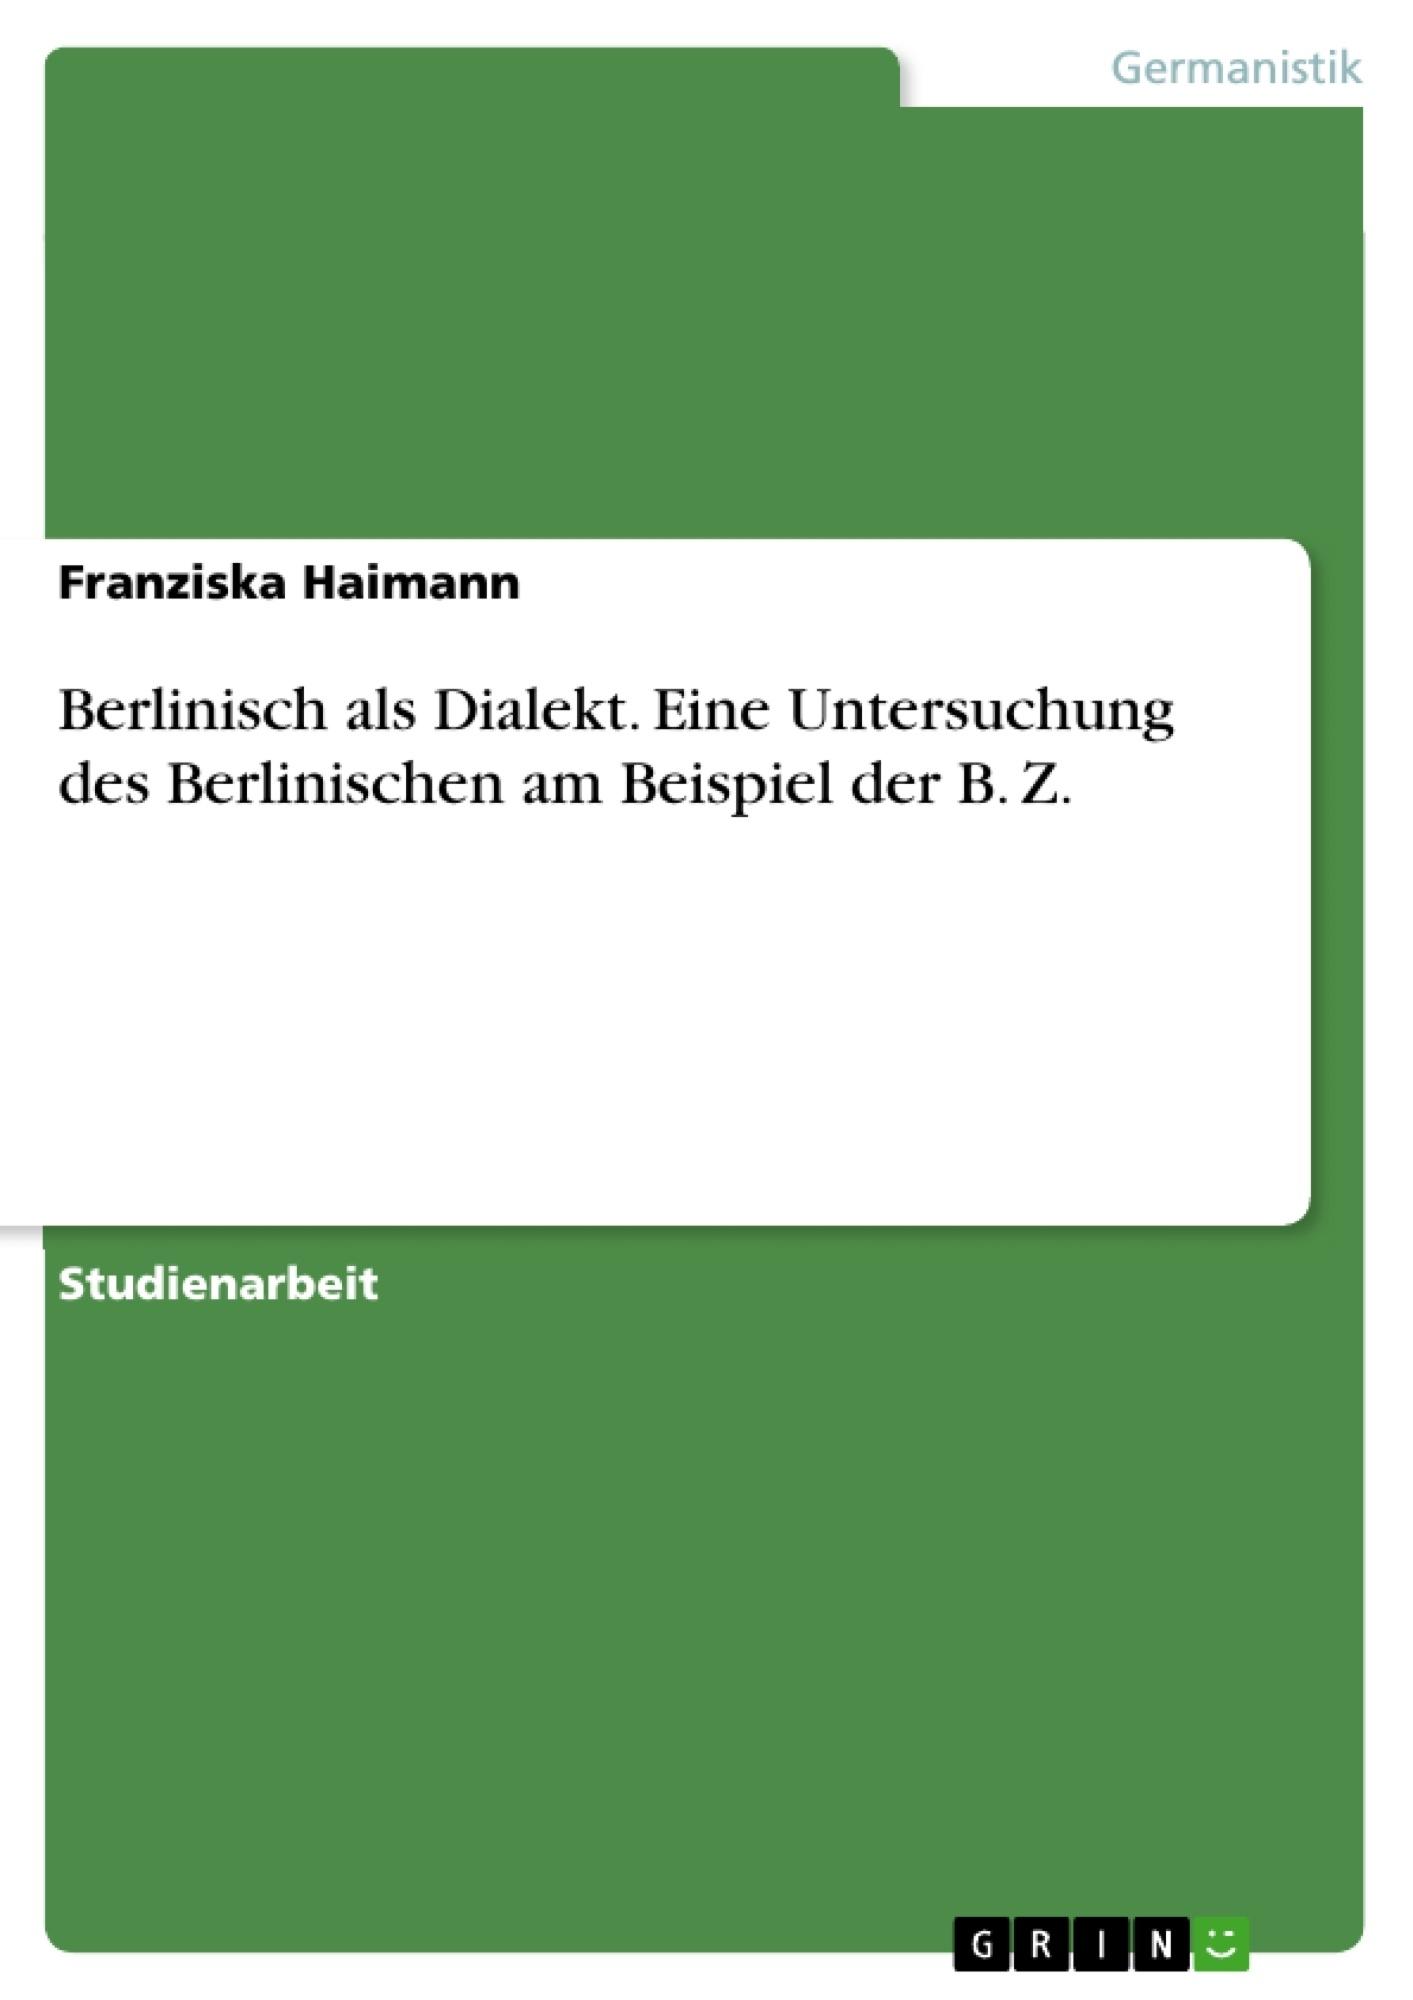 Titel: Berlinisch als Dialekt. Eine Untersuchung des Berlinischen am Beispiel der B. Z.